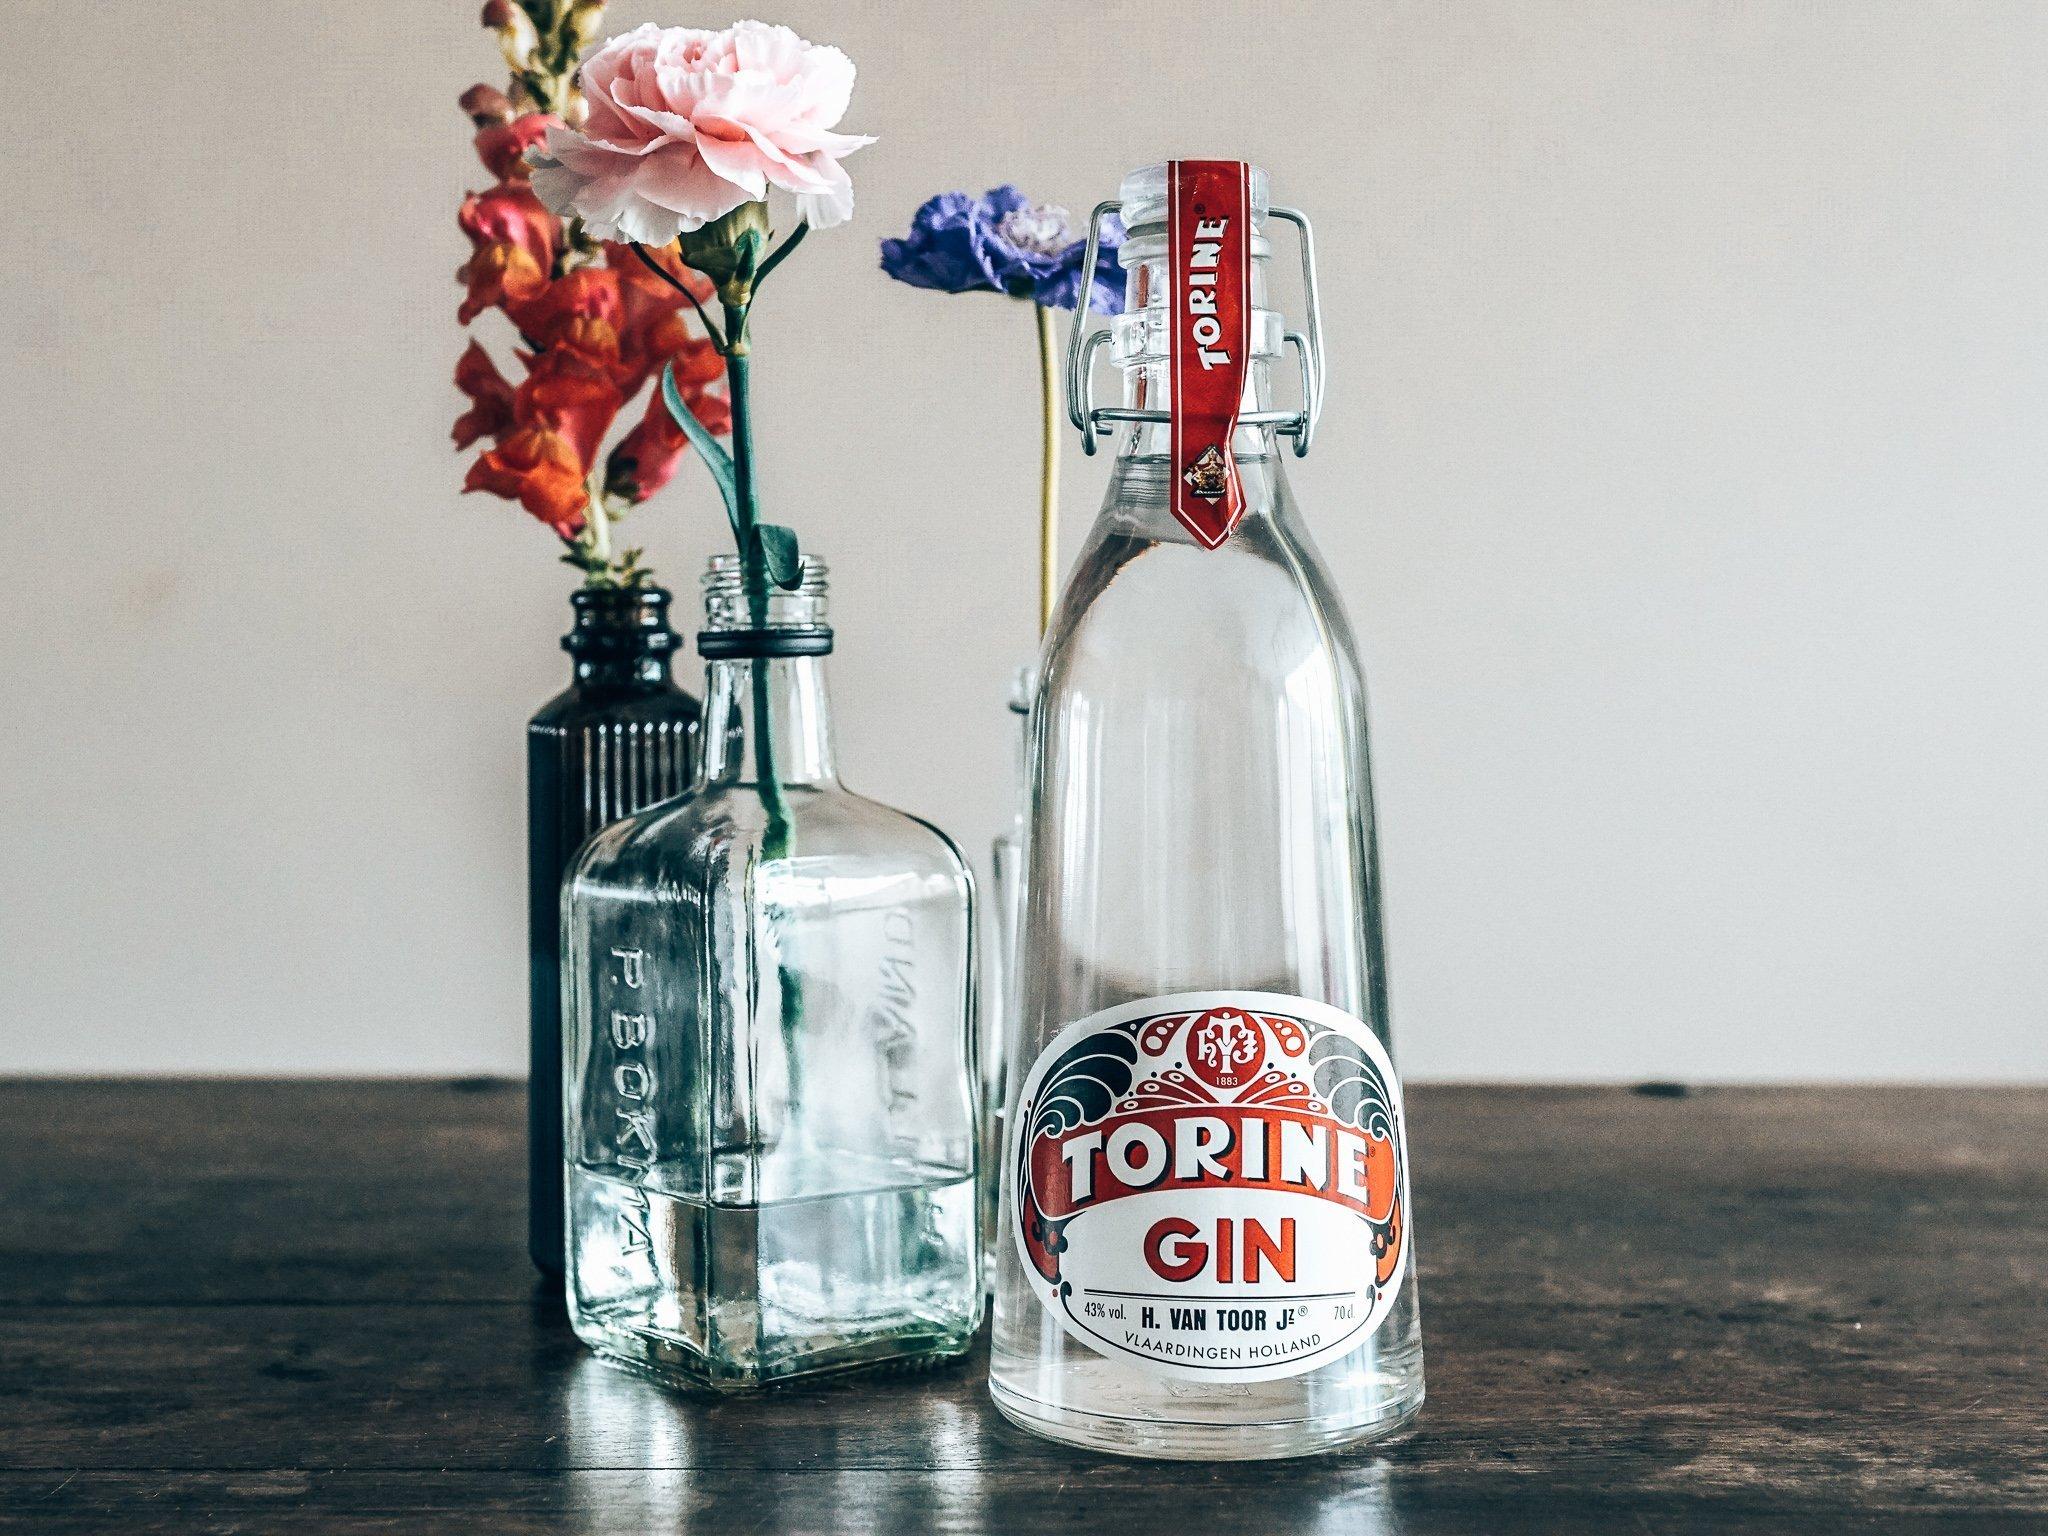 Torine Gin met bloemen, Alles over gin.